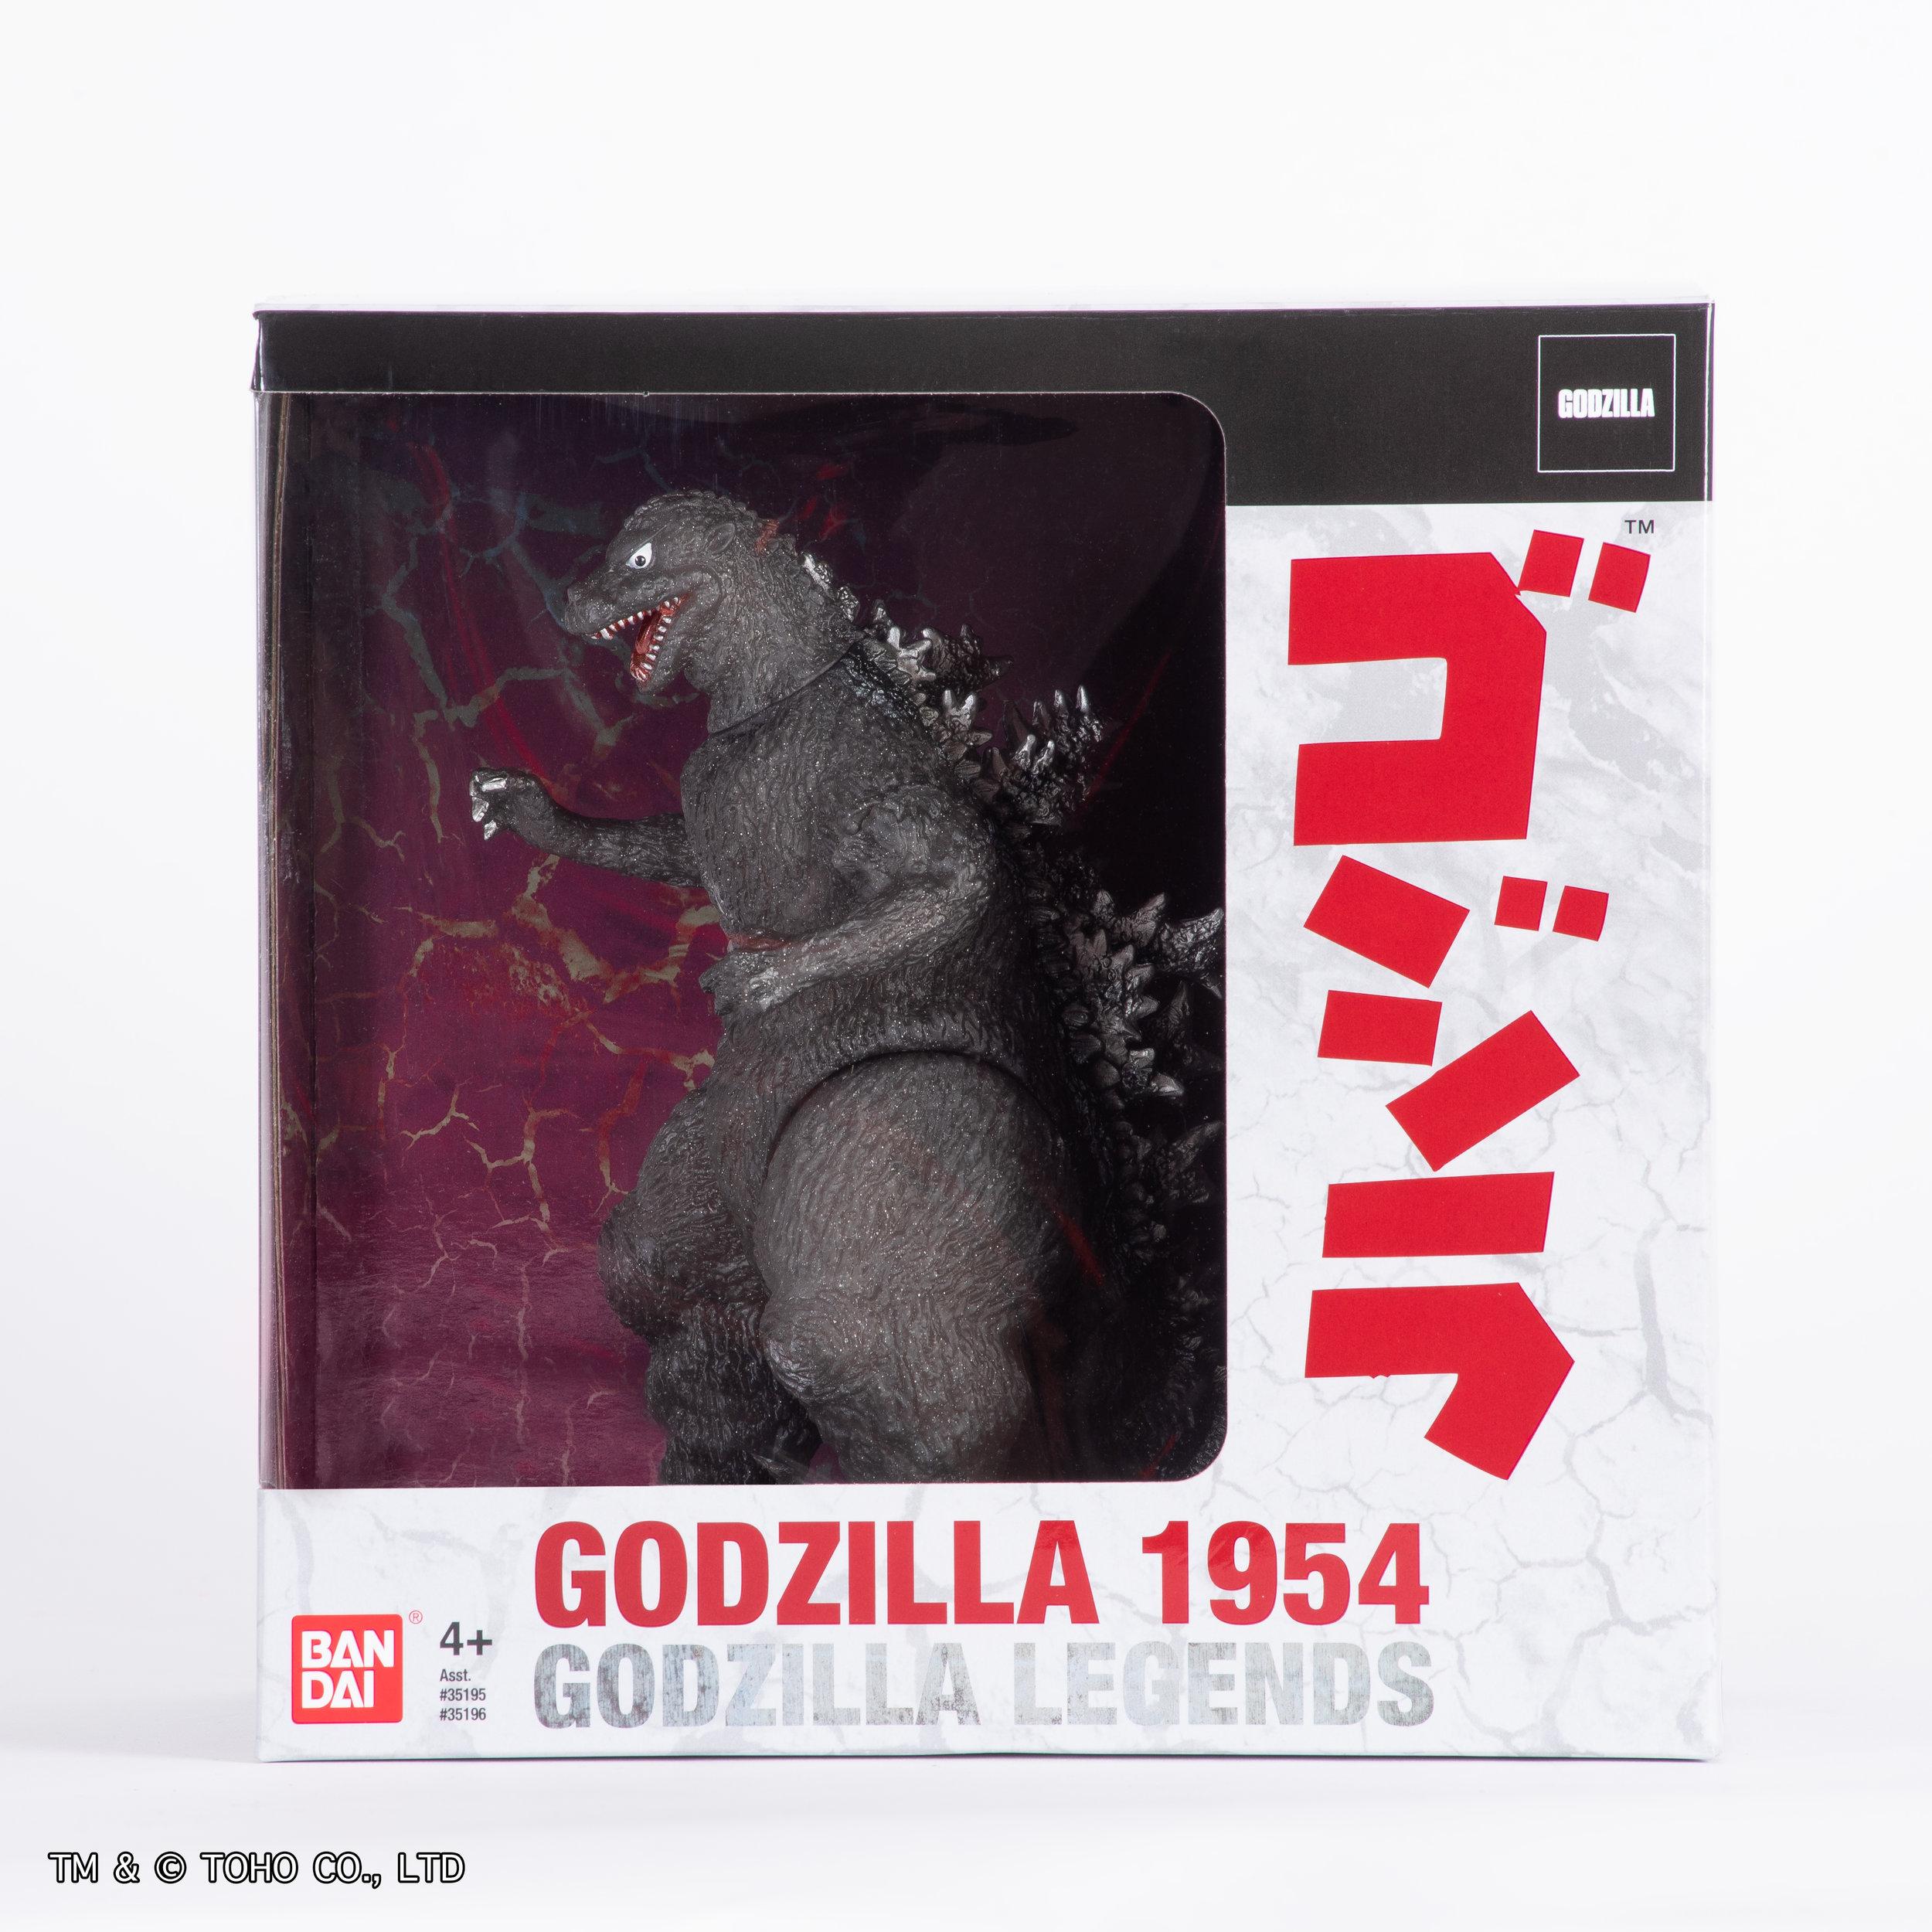 Godzilla box without sleeve (1).jpg